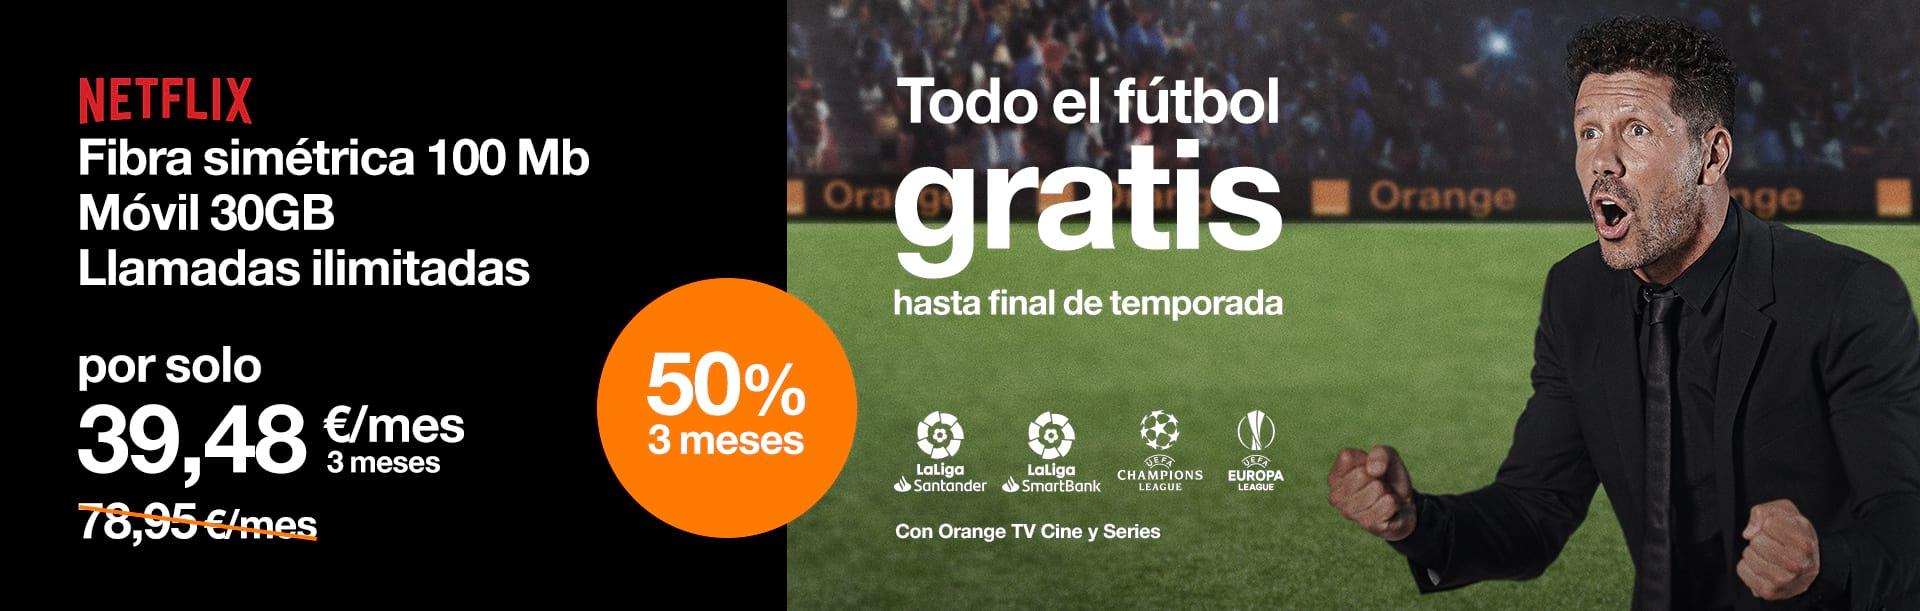 Todo el fútbol gratis hasta final de temporada con Love Intenso Max y Orante TV Cine y Series con Orange